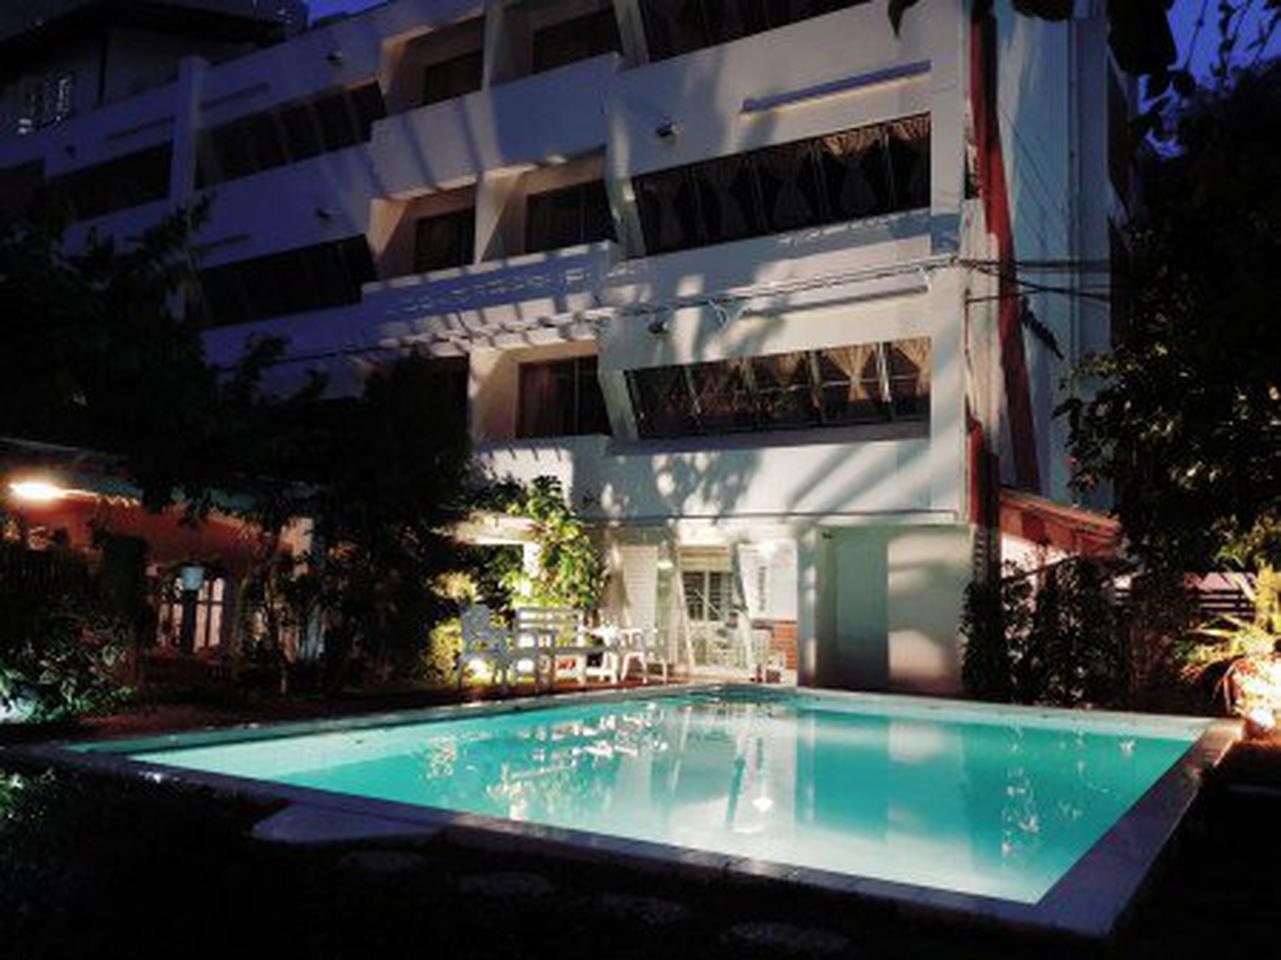 ขาย ที่ดินพร้อมโรงแรม สุขุมวิท 26 ใกล้ ถนนสุขุมวิท แต่งสวย พร้อมดำเนินกิจการได้เลย รูปที่ 2